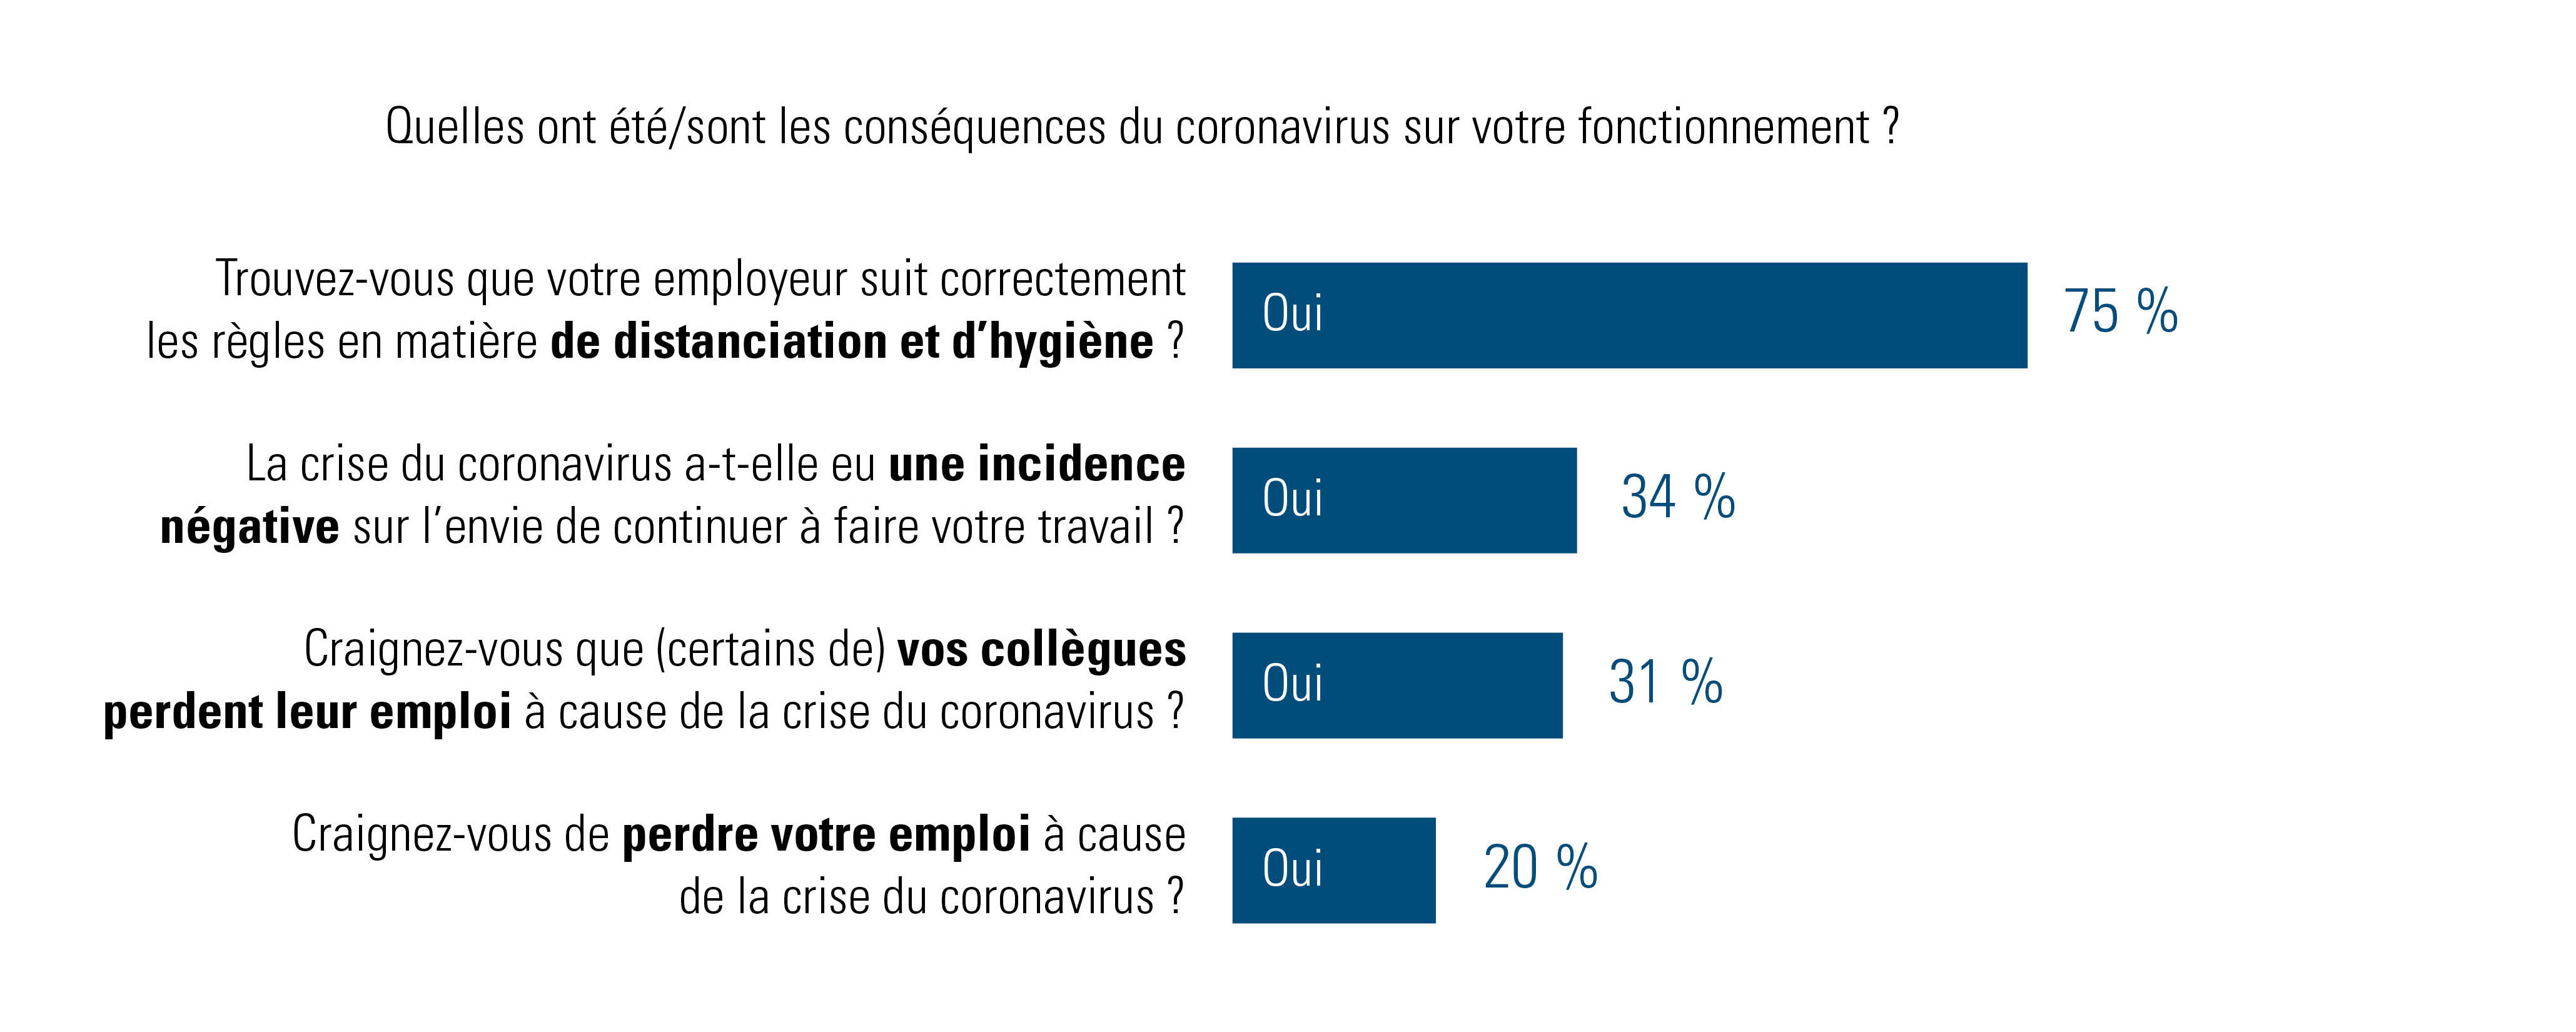 Que disent les employés des conséquences du coronavirus sur leur fonctionnement?